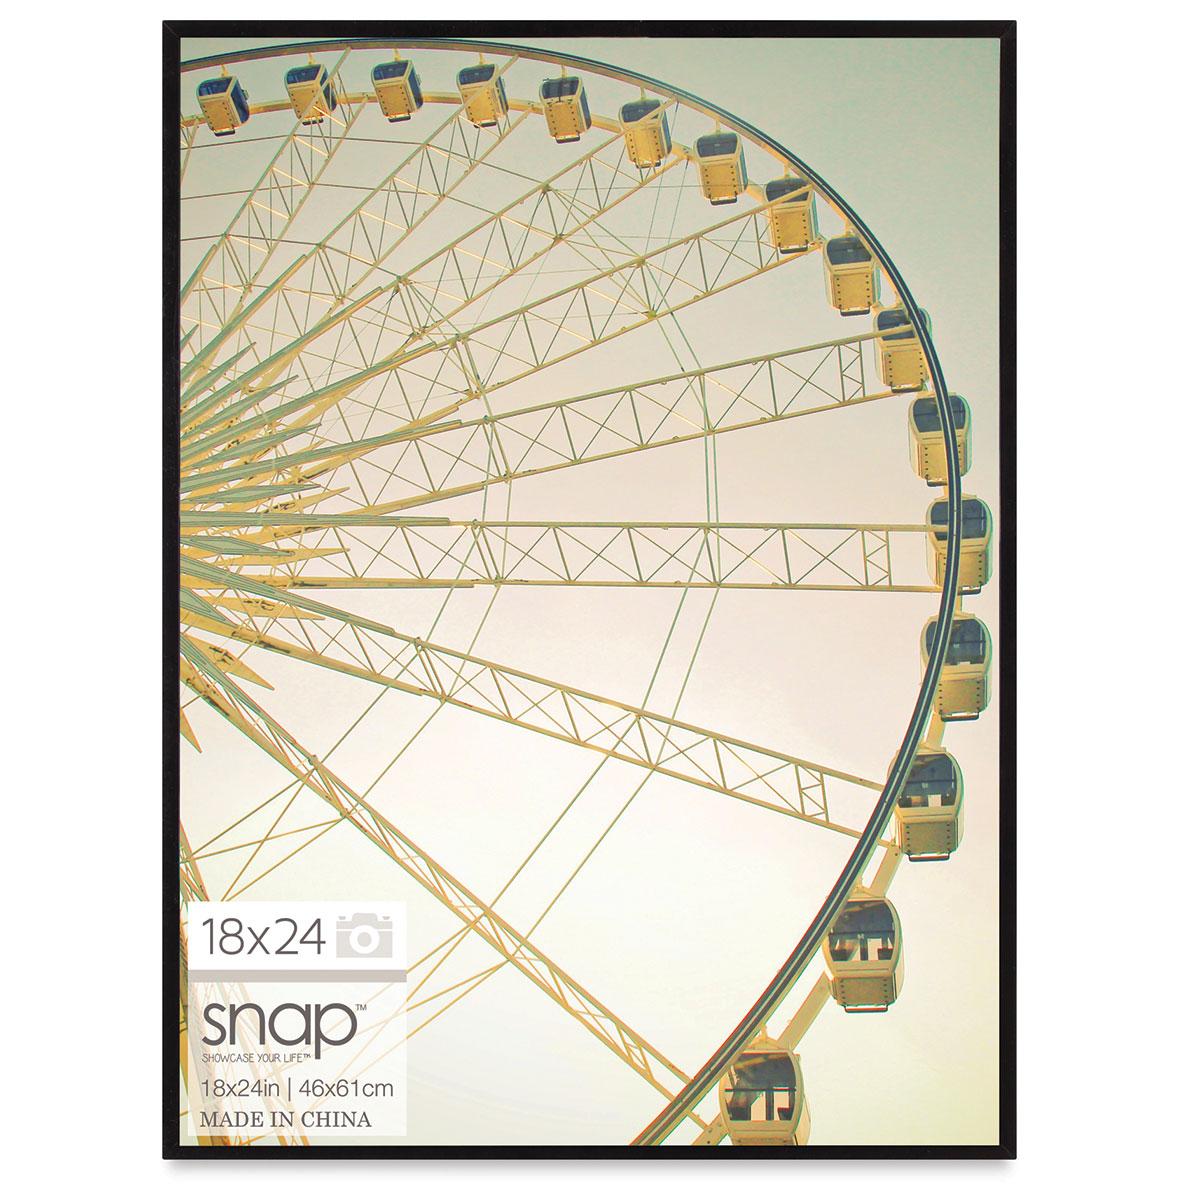 Nielsen Bainbridge Snap Poster Frame - Black, 18 x 24